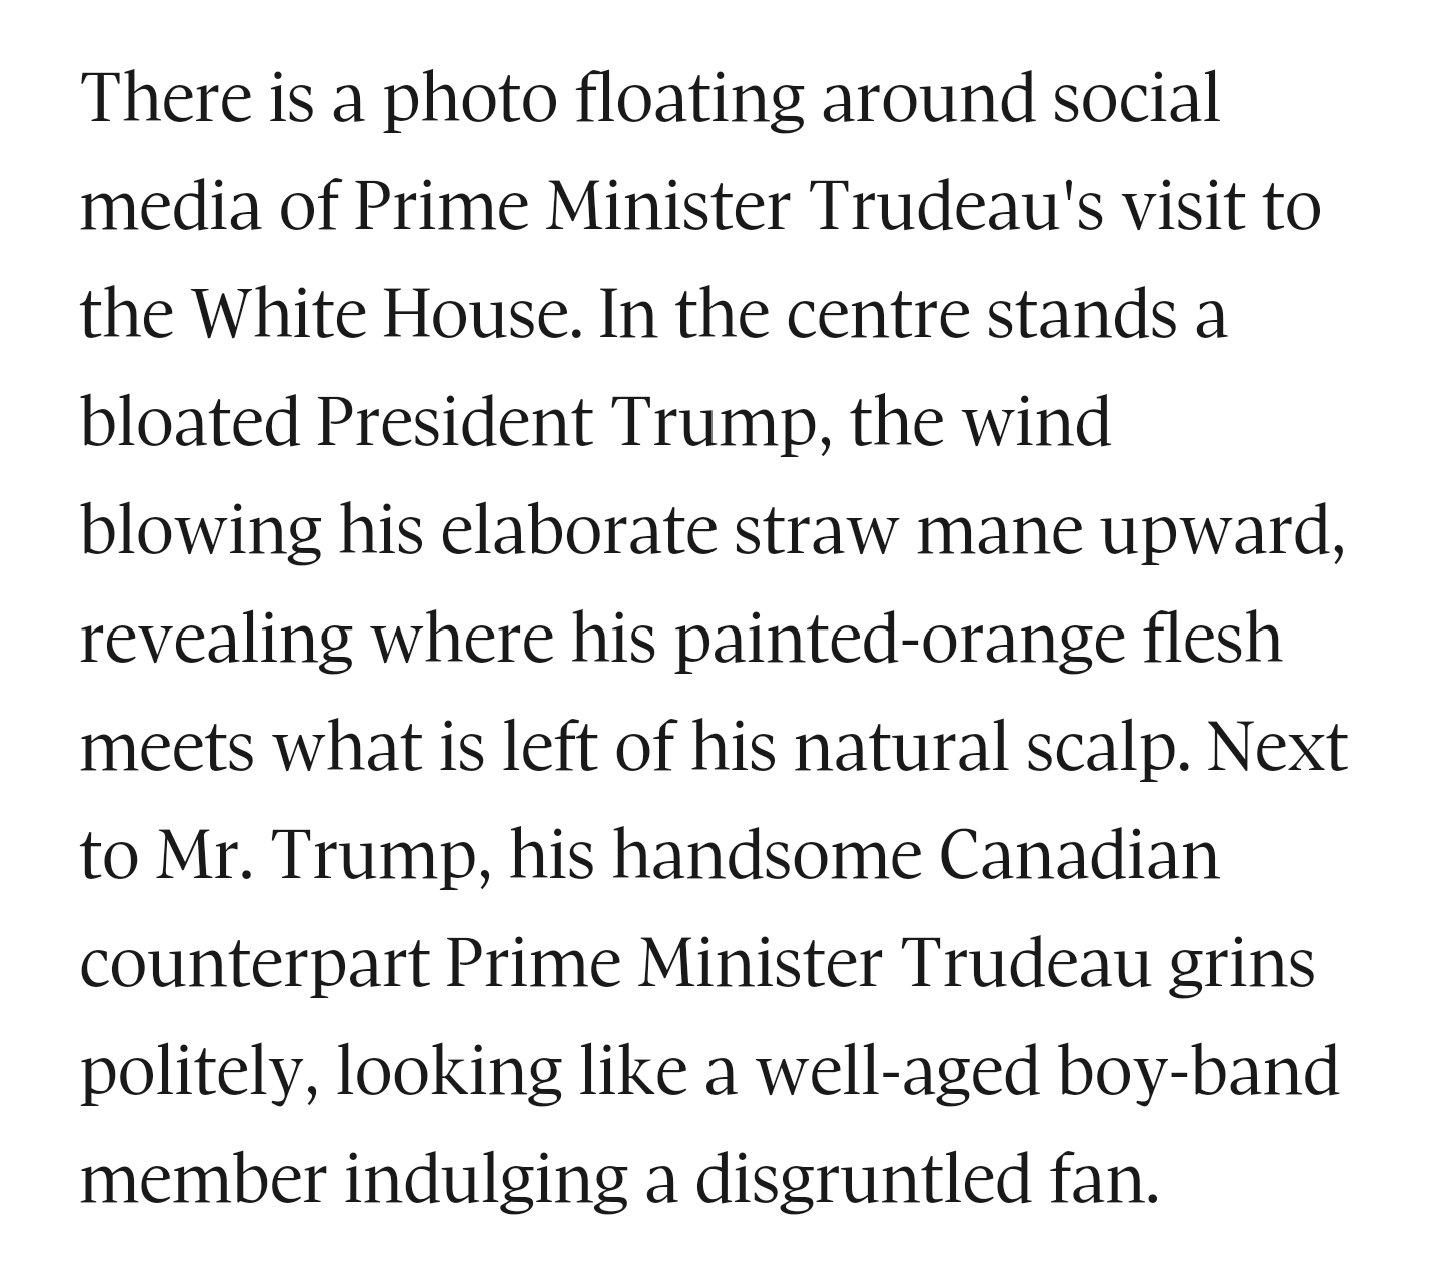 When Trudeau met Trump https://t.co/y9Bgt9aU2E https://t.co/WsWvAFvAVv